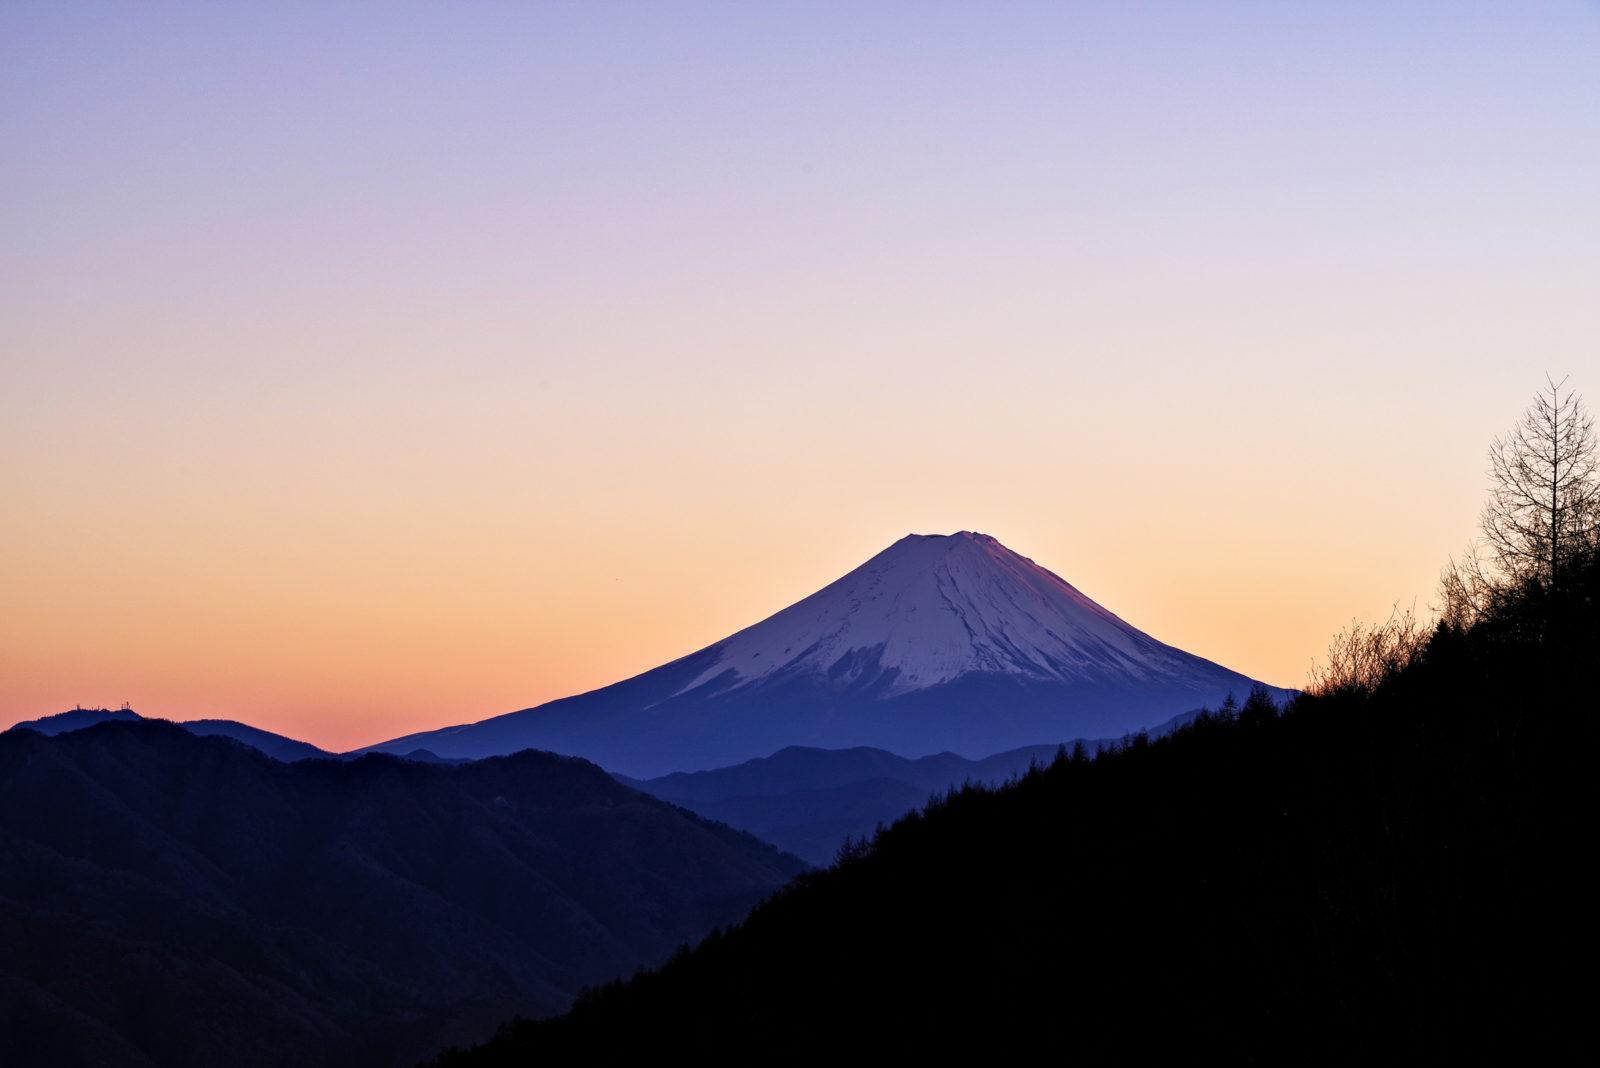 柳沢峠茶屋より富士山 | PENTAX K-1&D FA★70-200mm